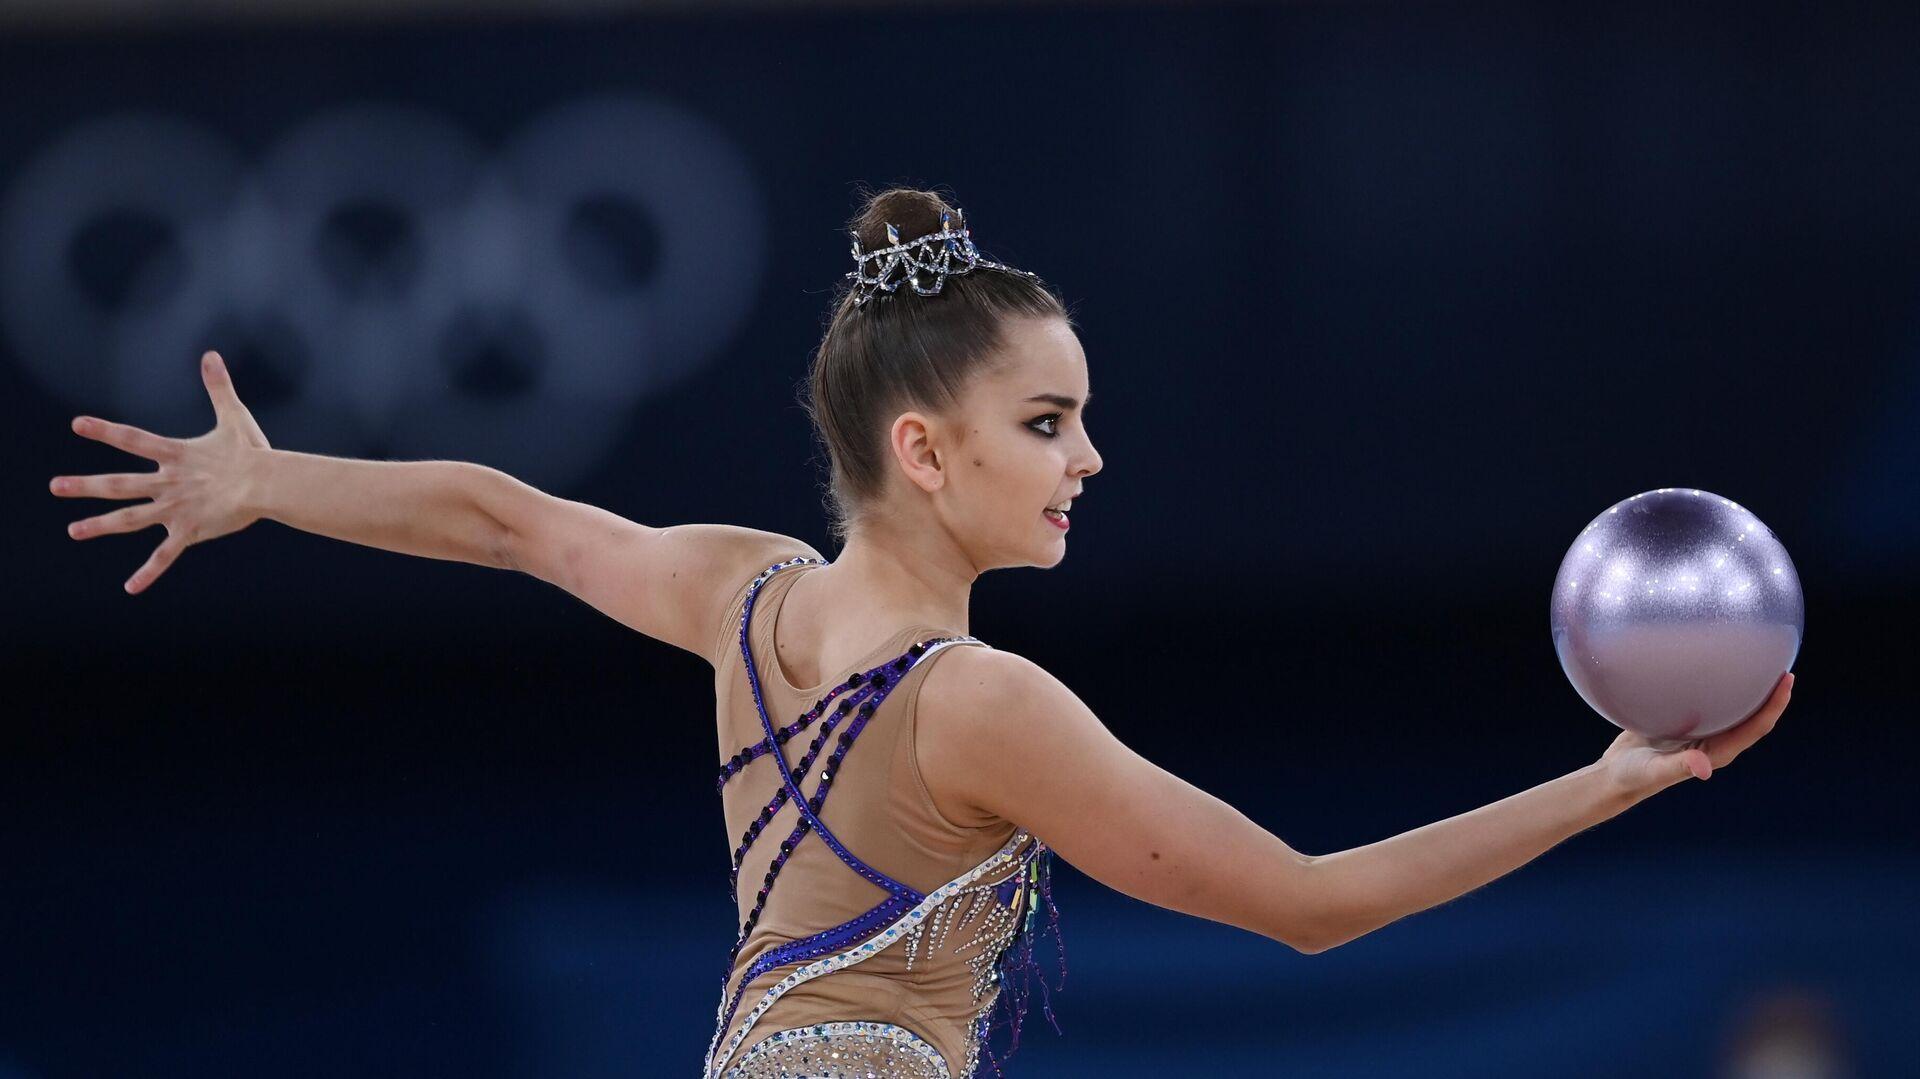 Олимпиада-2020. Художественная гимнастика. Индивидуальное многоборье - РИА Новости, 1920, 11.09.2021